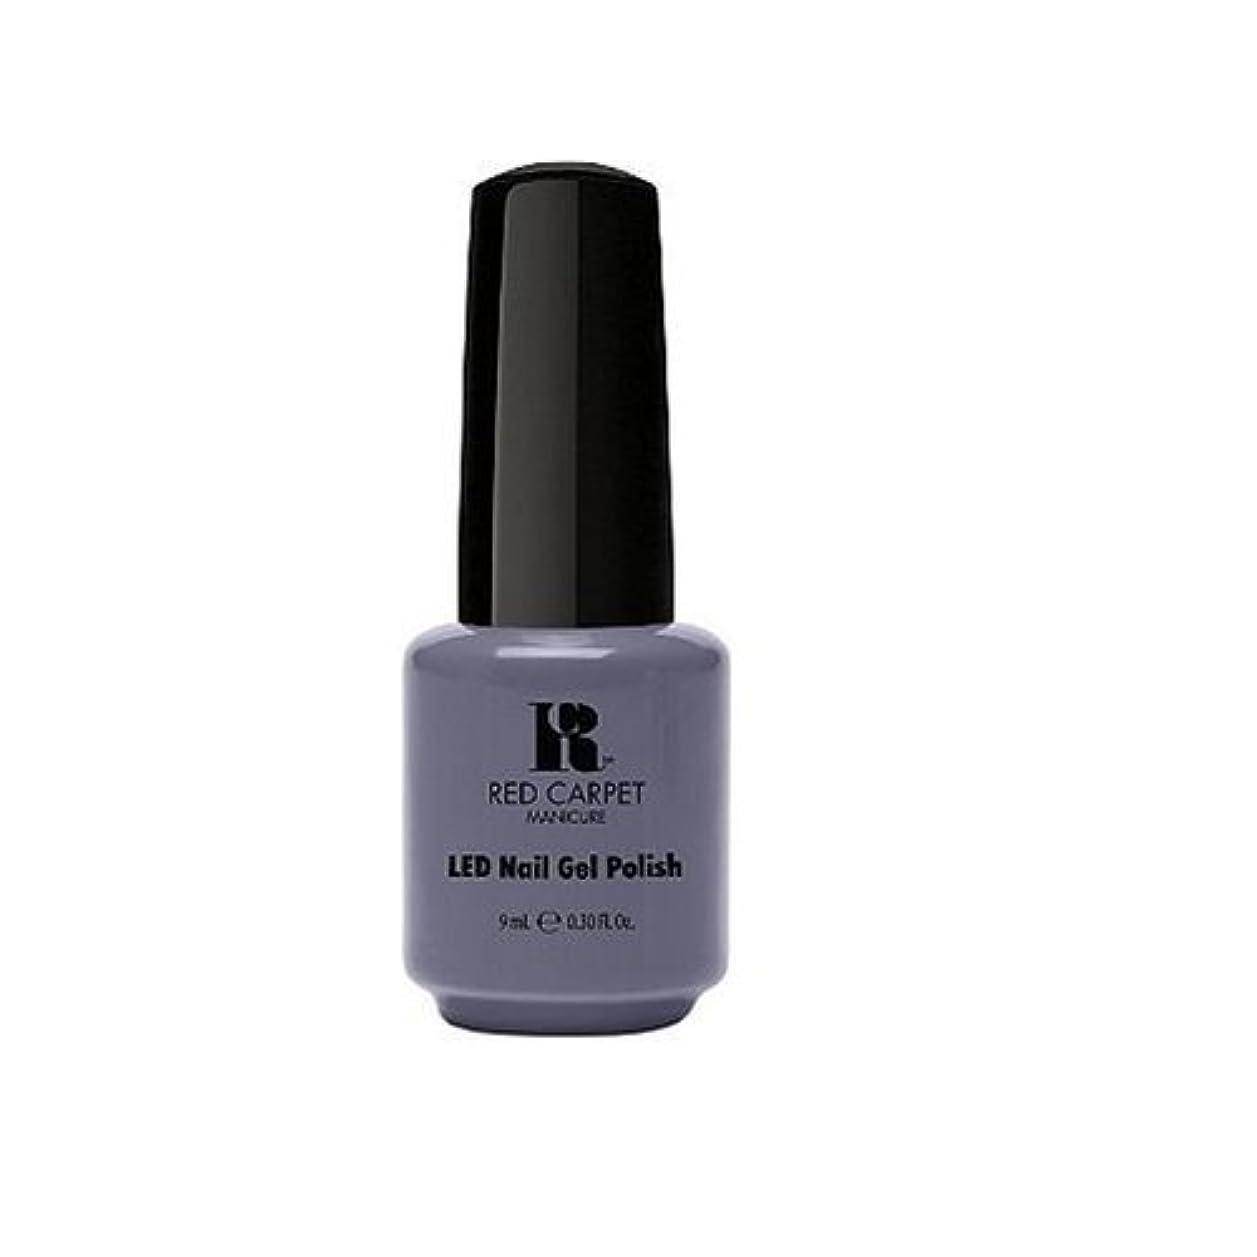 光のモナリザオンスRed Carpet Manicure - LED Nail Gel Polish - Unscripted - 0.3oz / 9ml